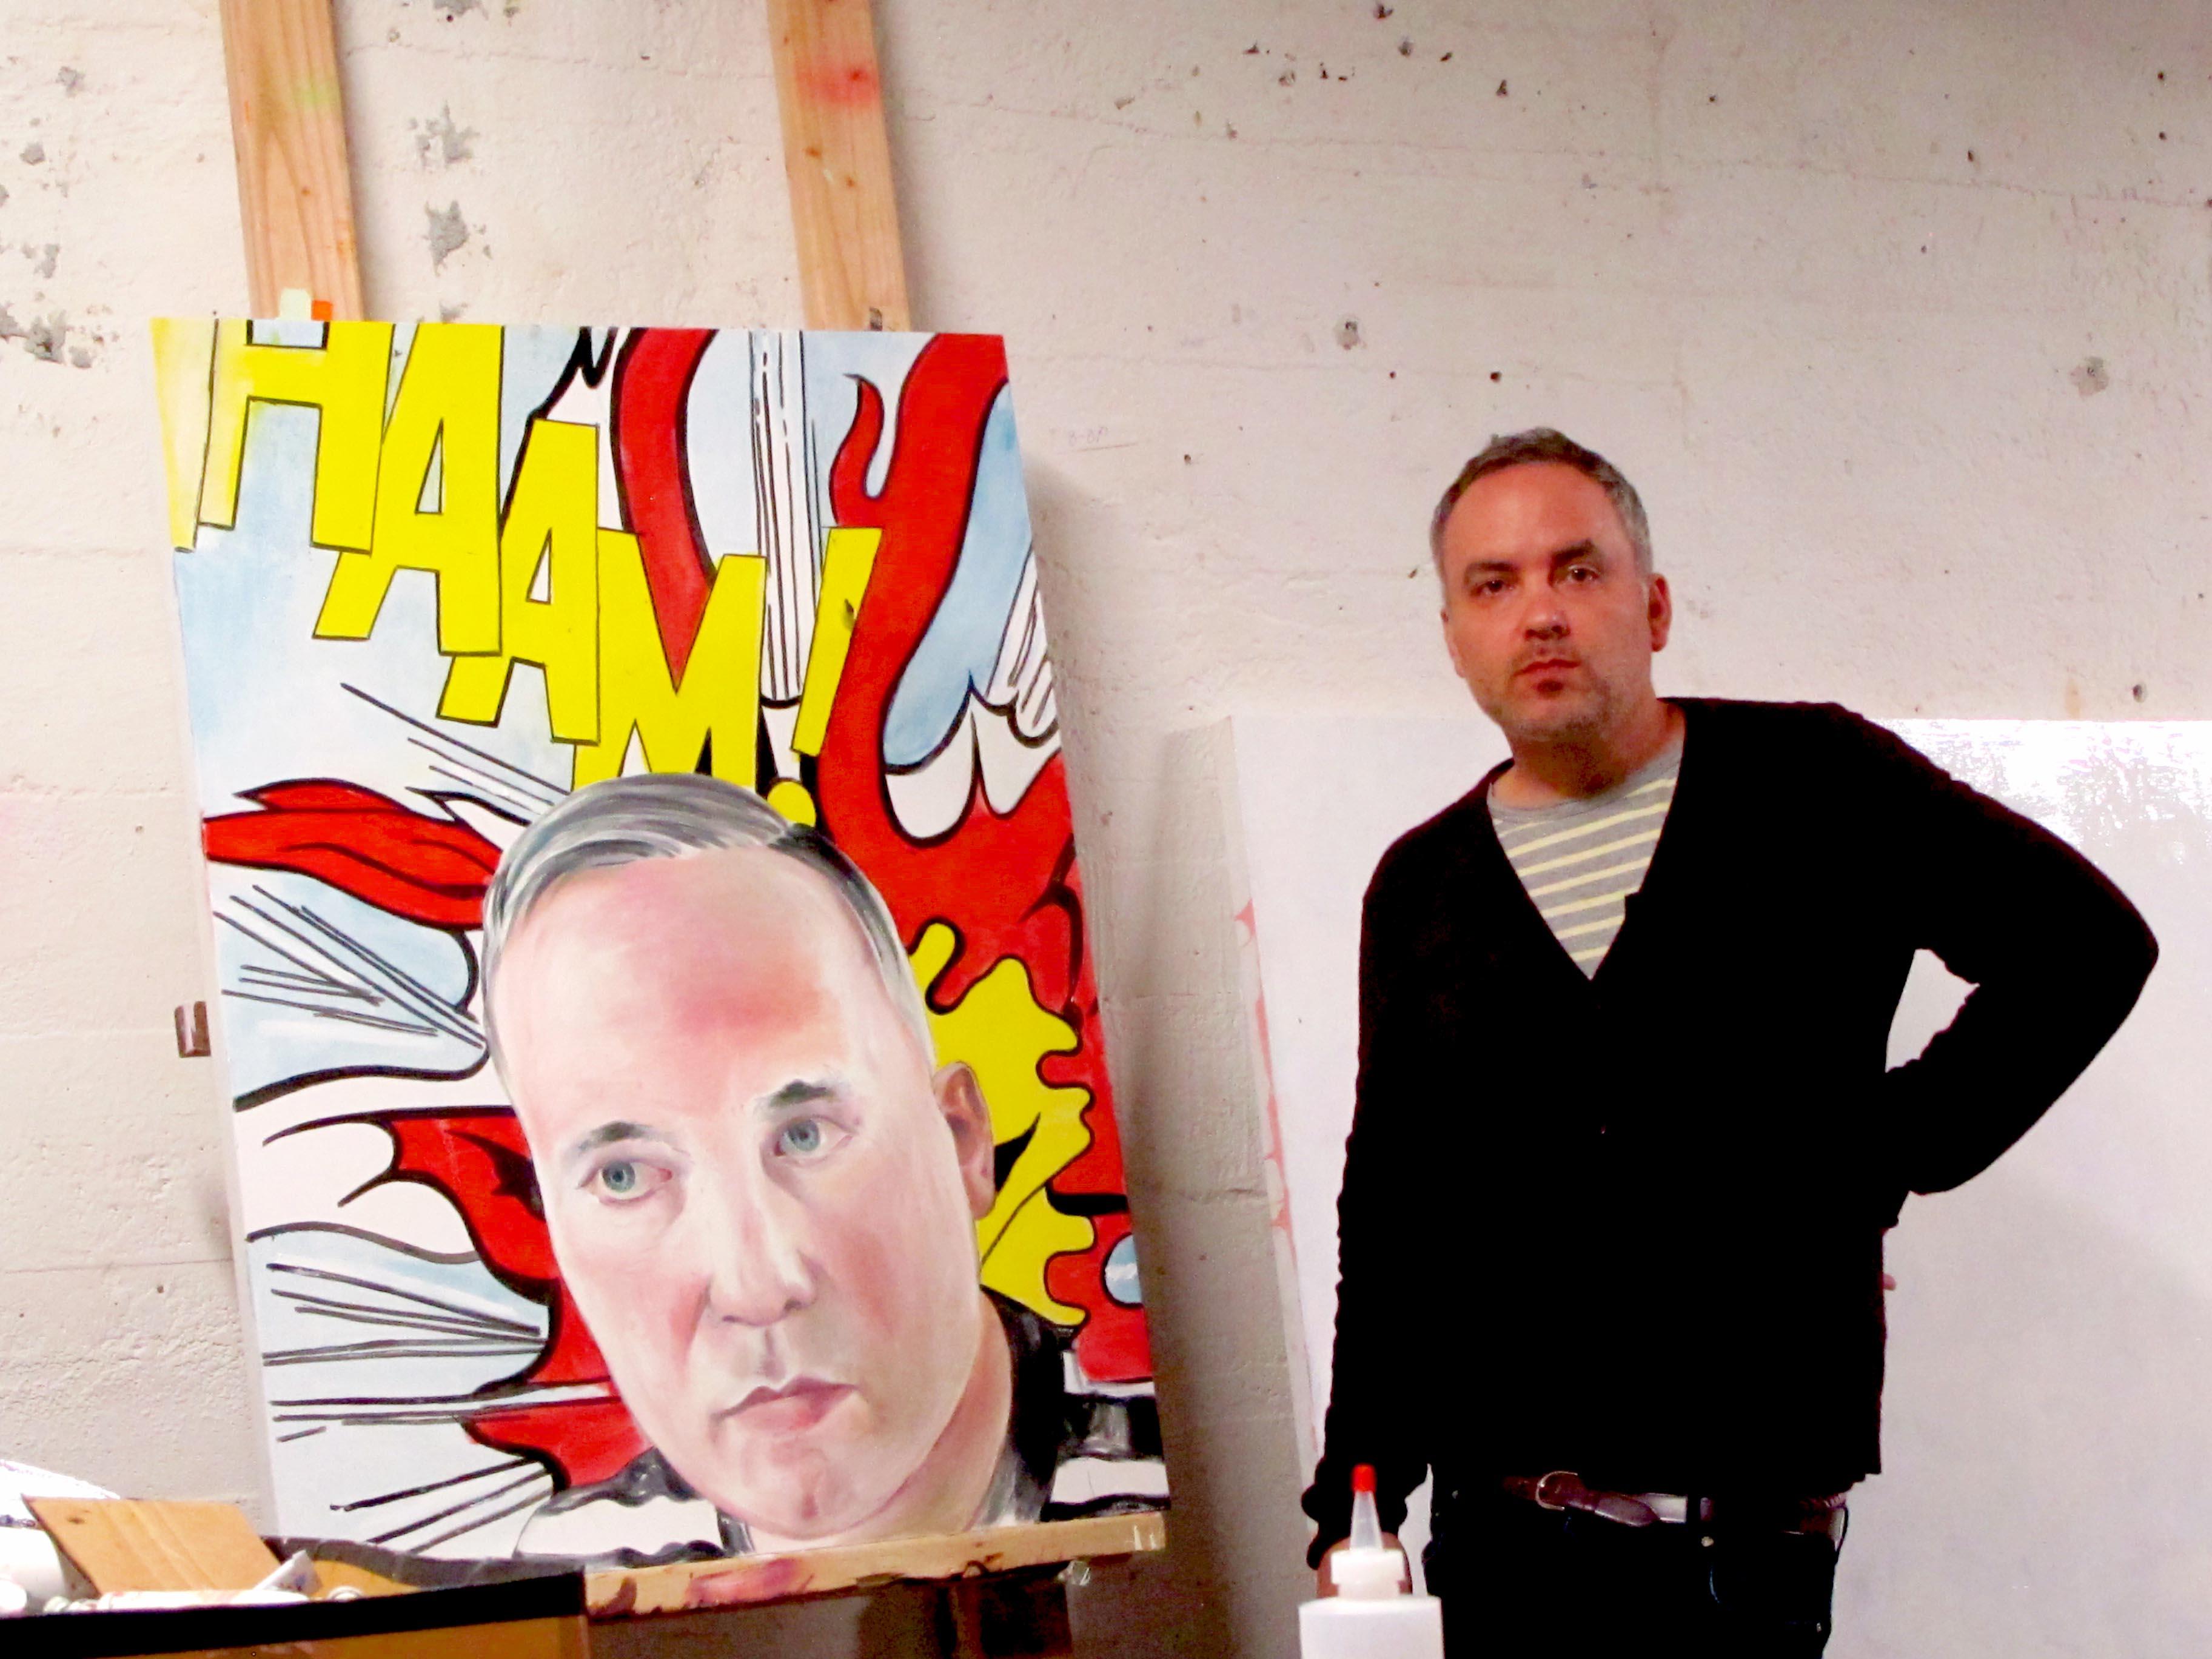 Noah Becker at his studio